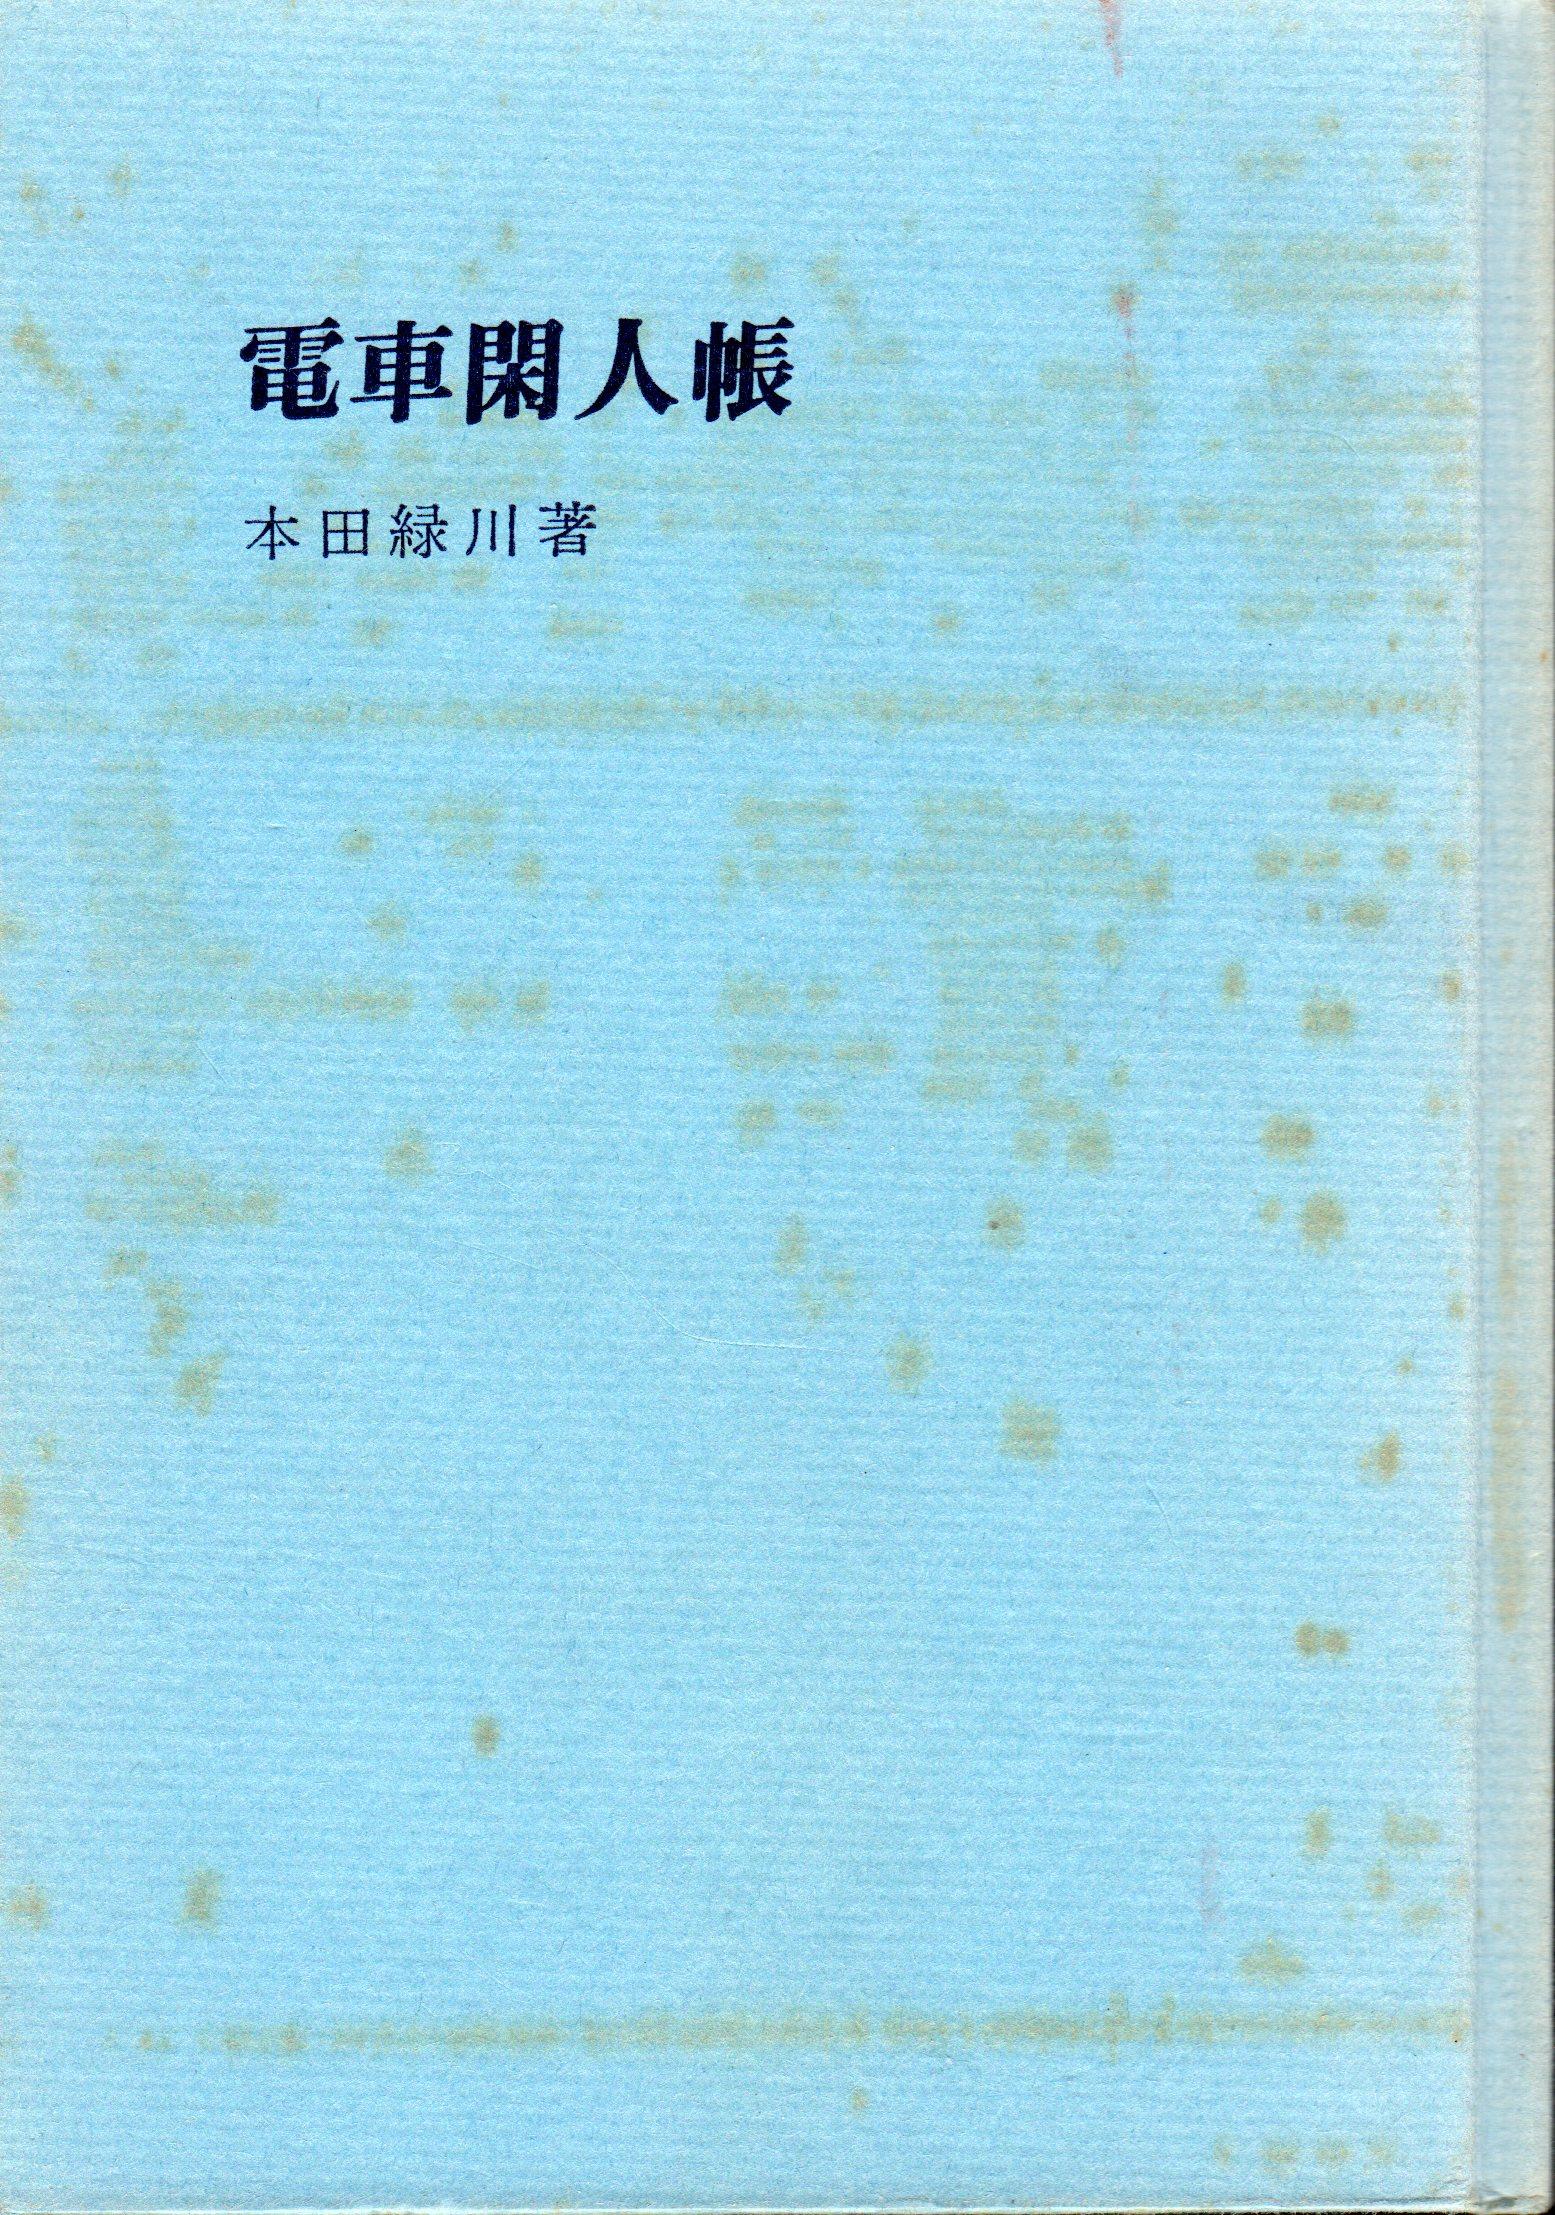 電車閑人帳 ブックカバー